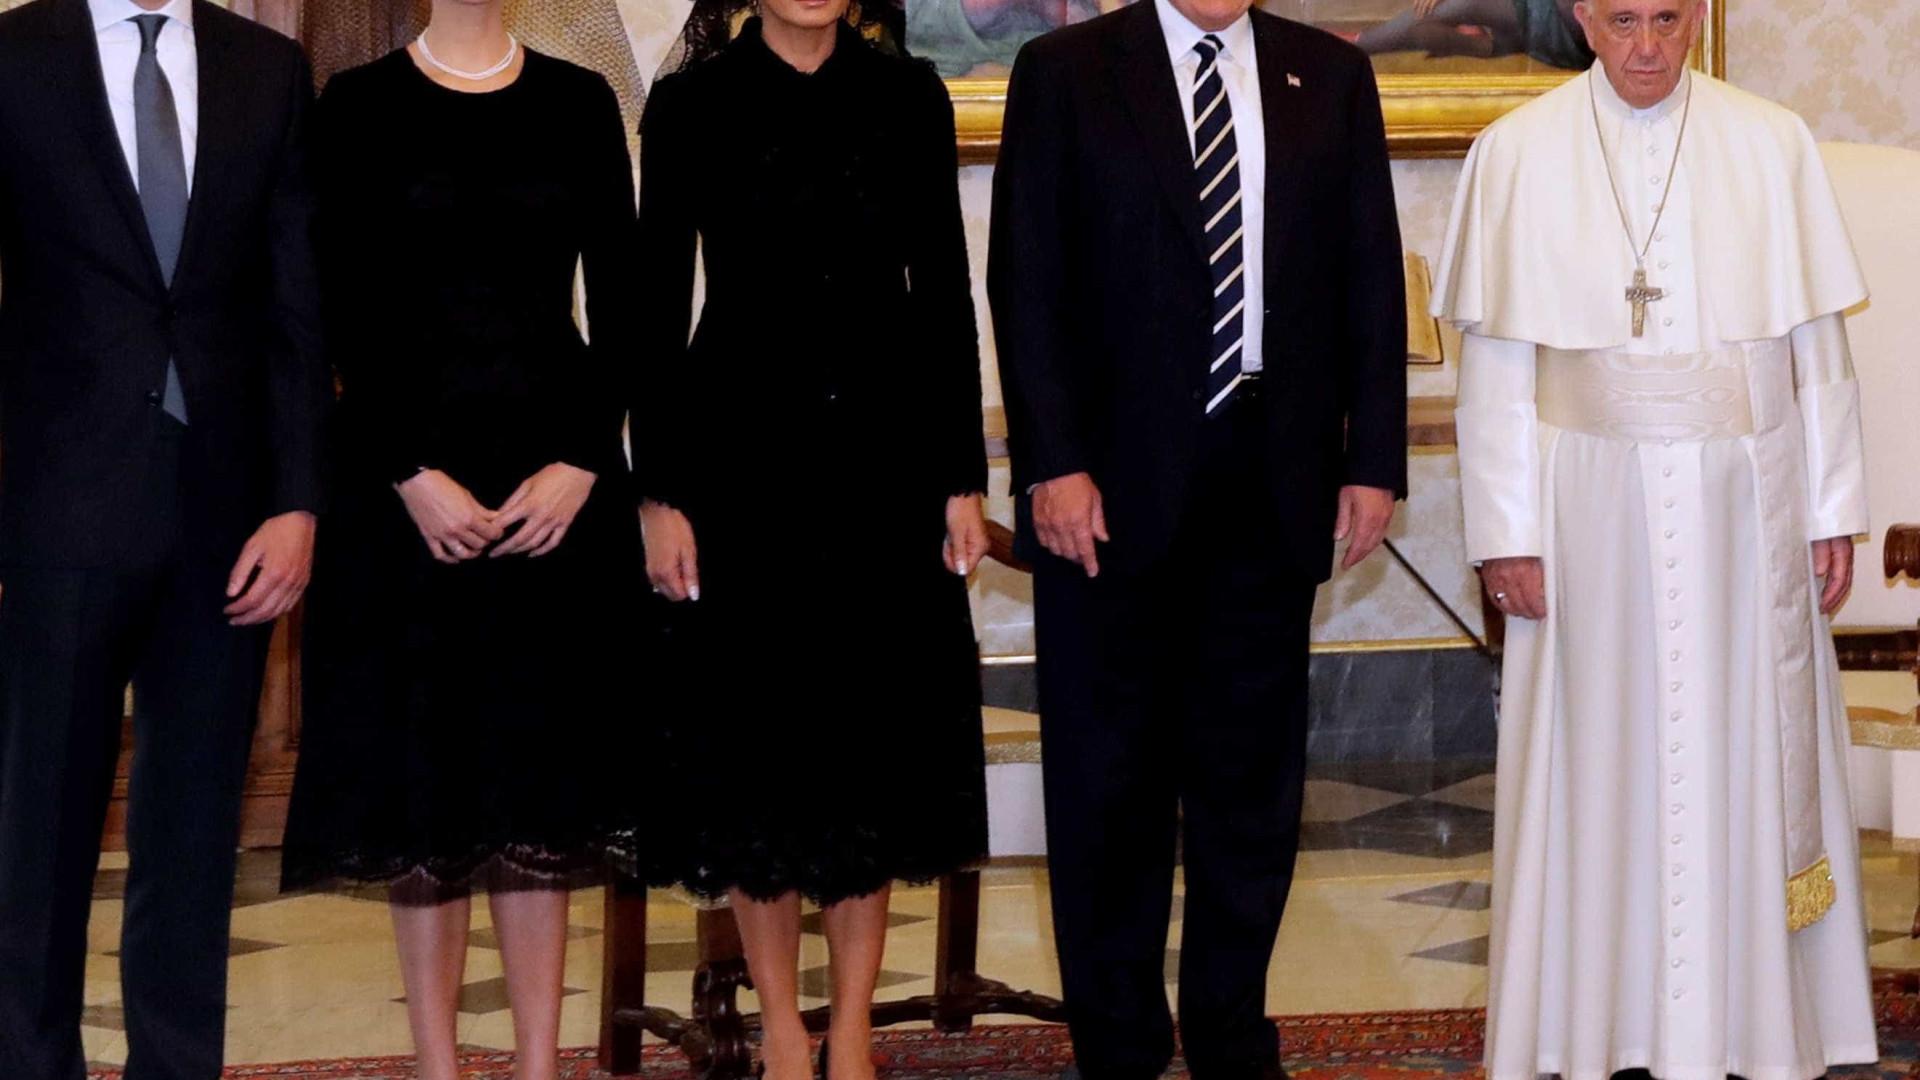 Look de Melanie e Ivanka Trump chama a atenção em visita ao Papa